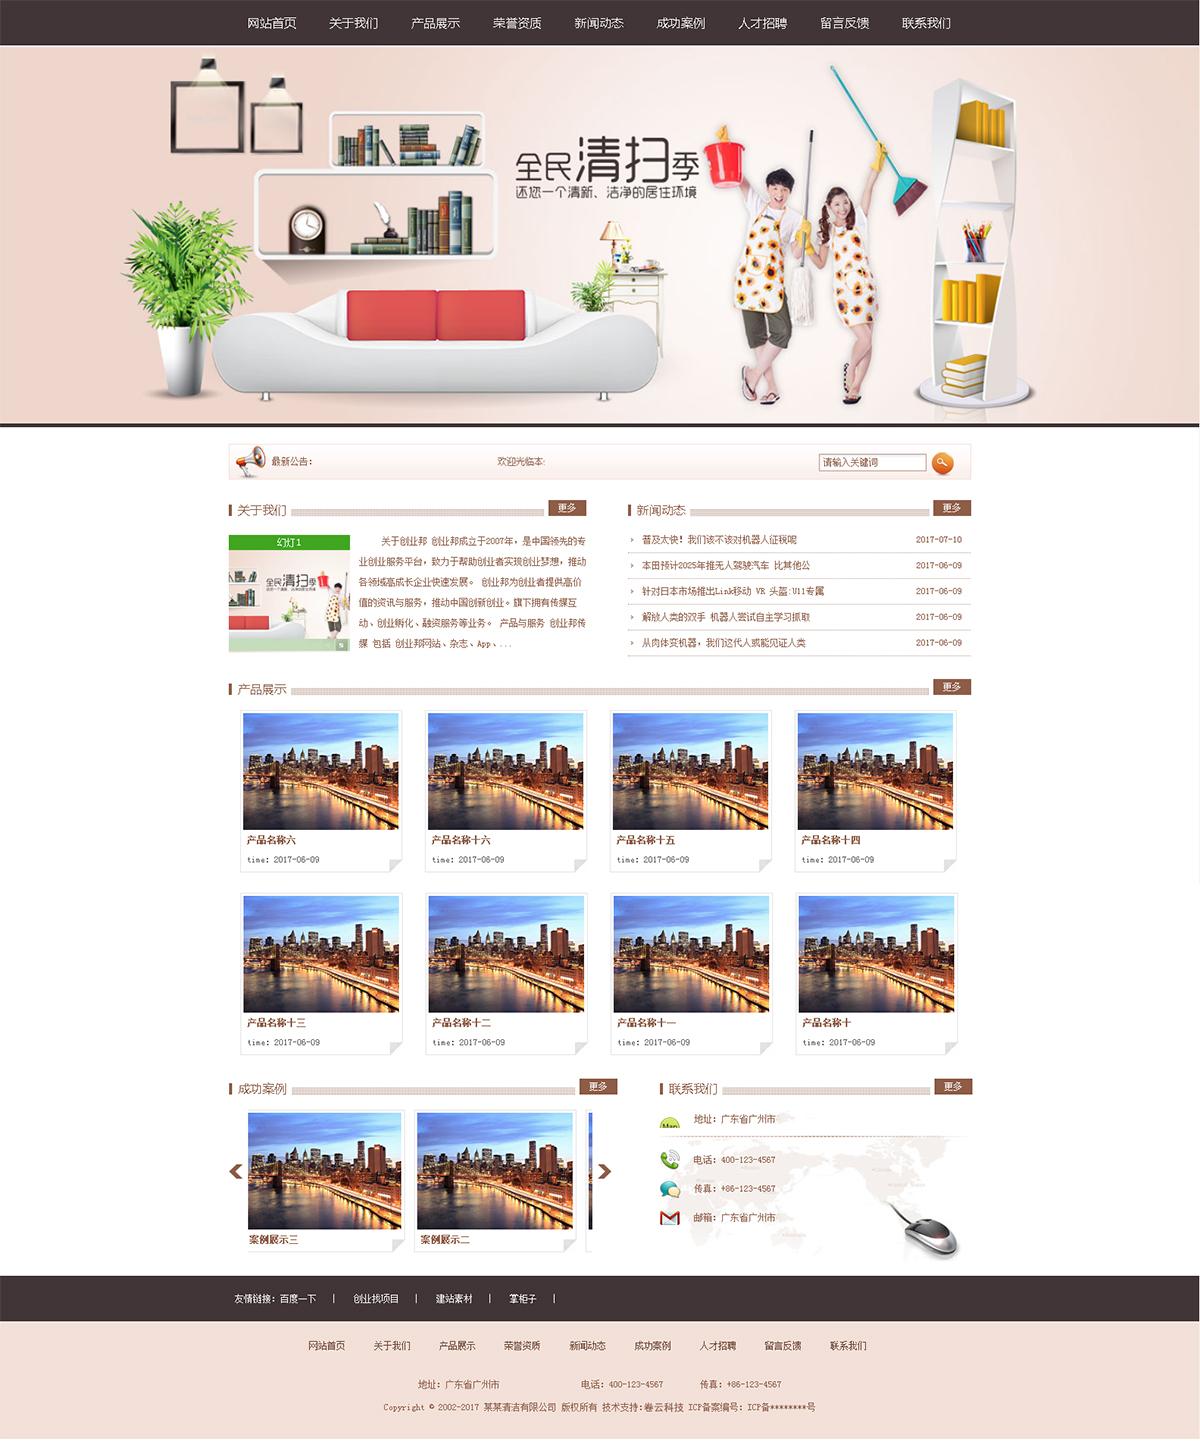 清洁服务公司网站制作案例